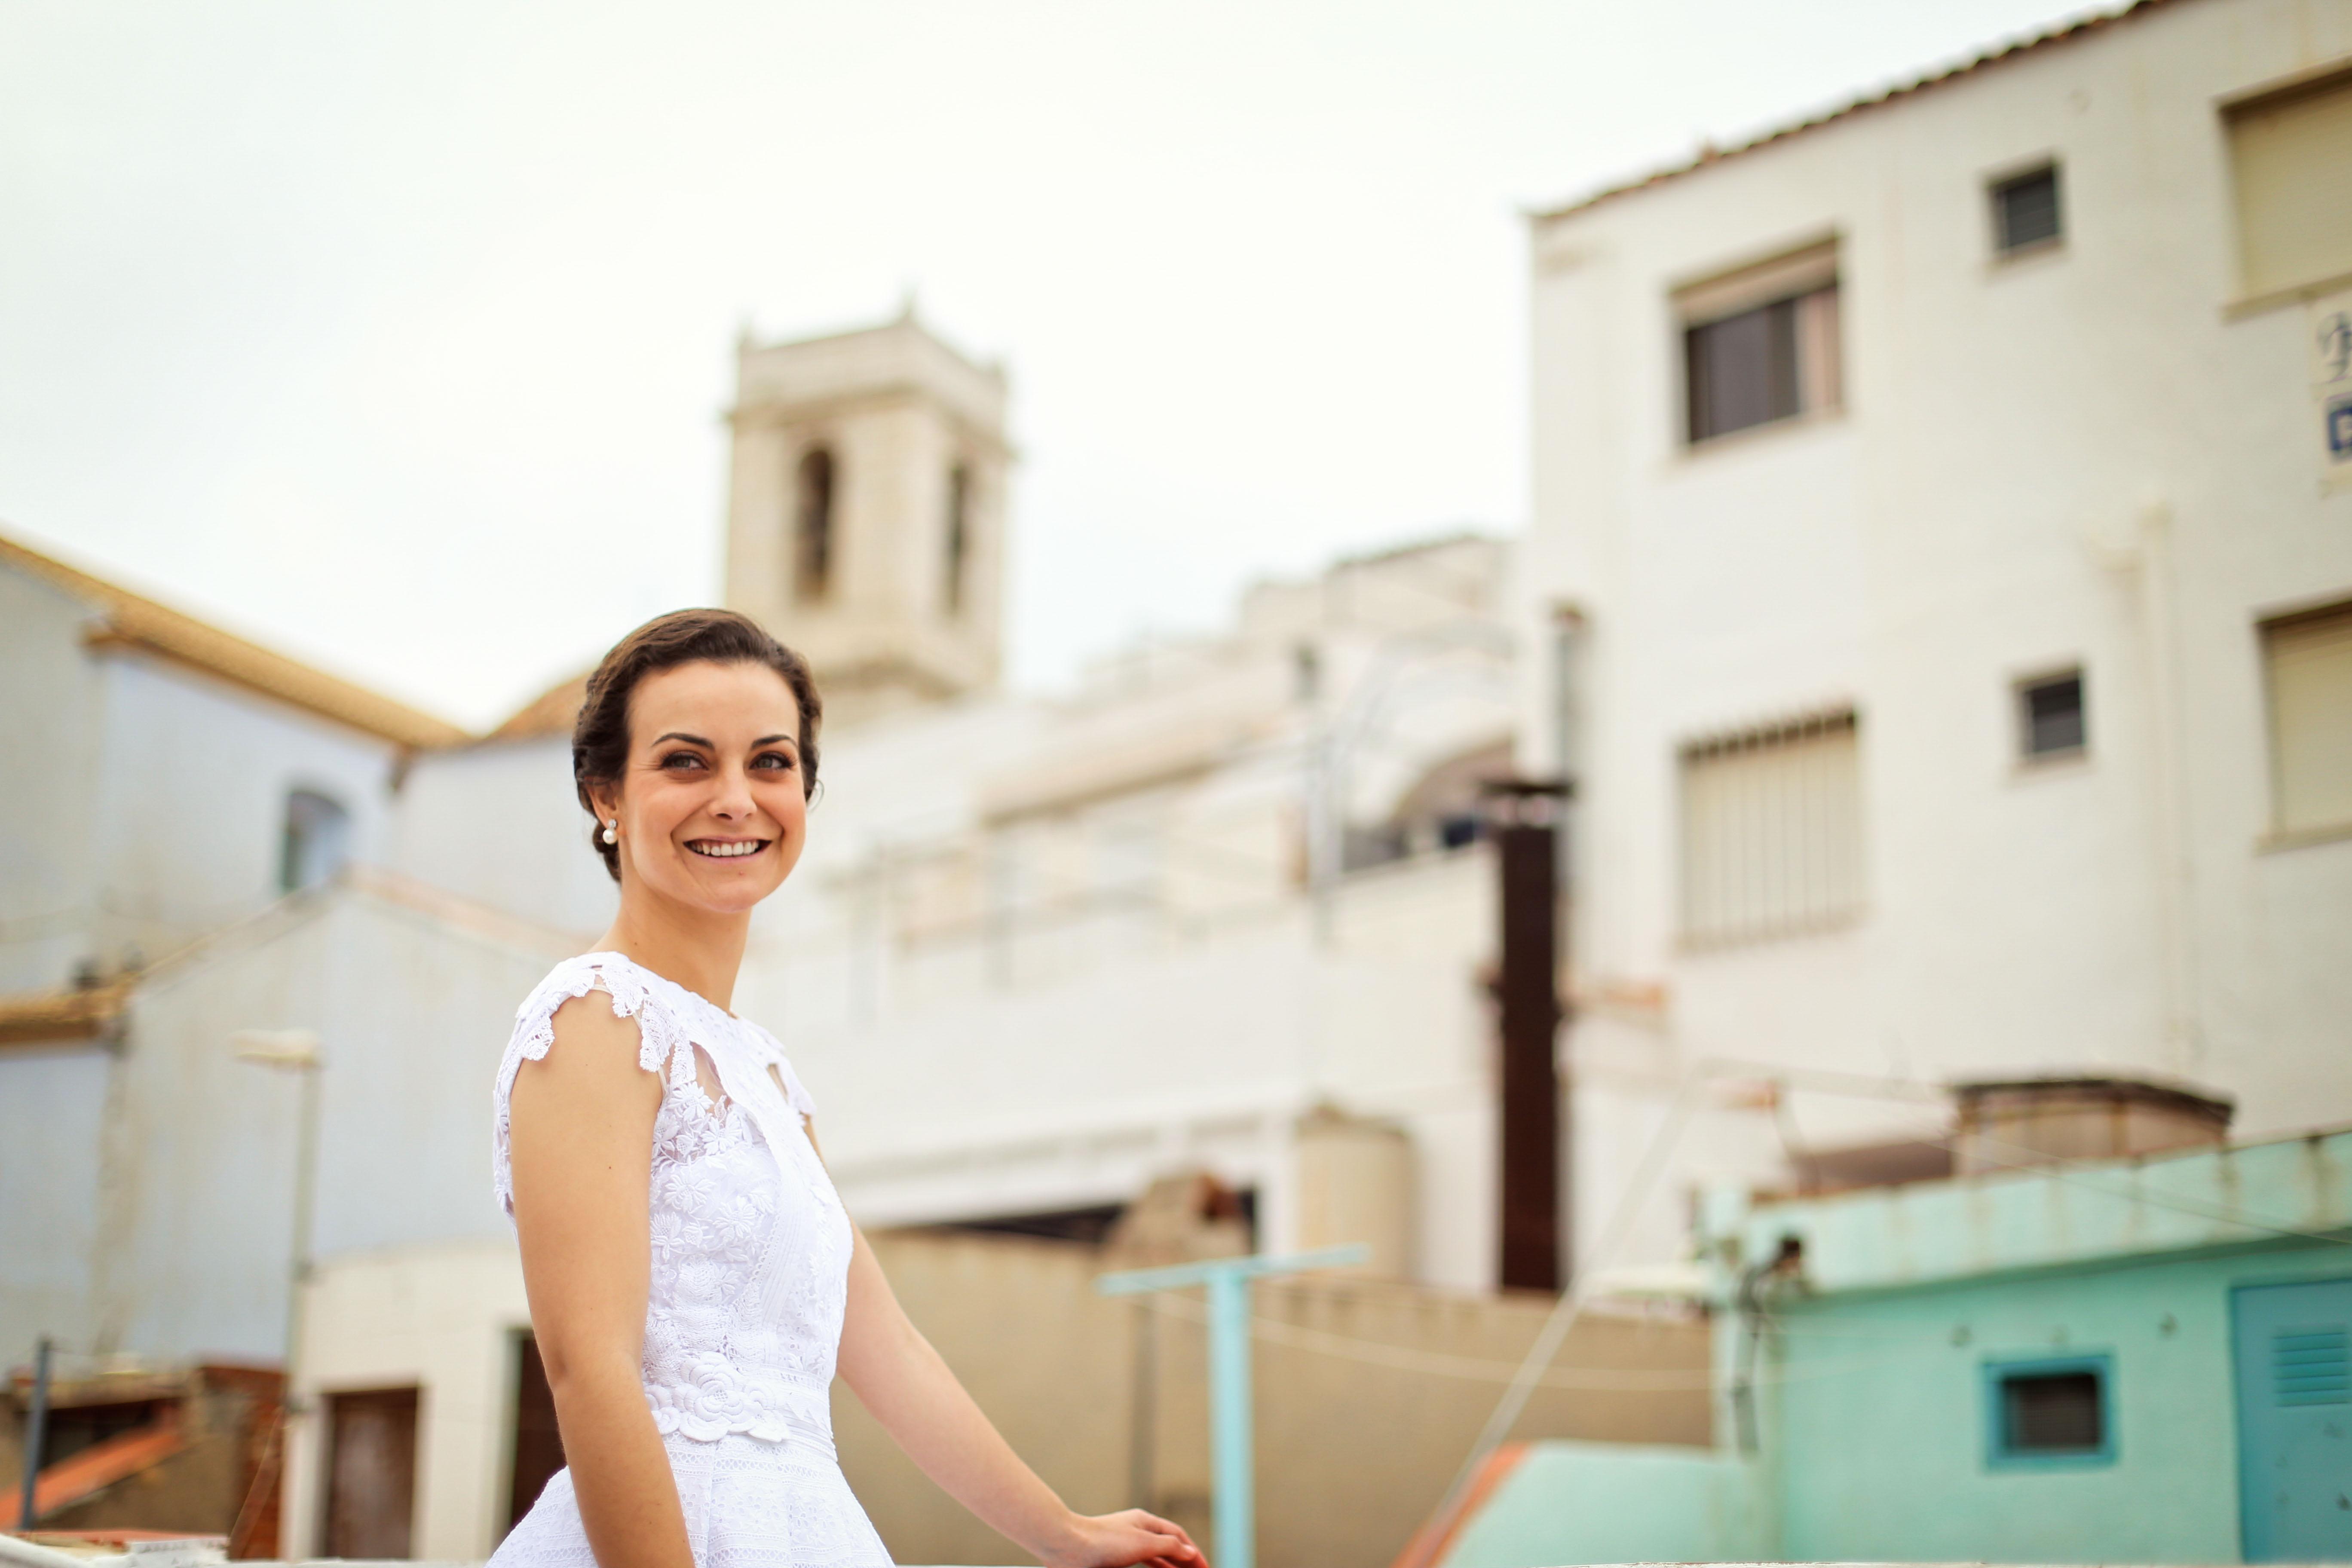 Fotografo de boda Onda